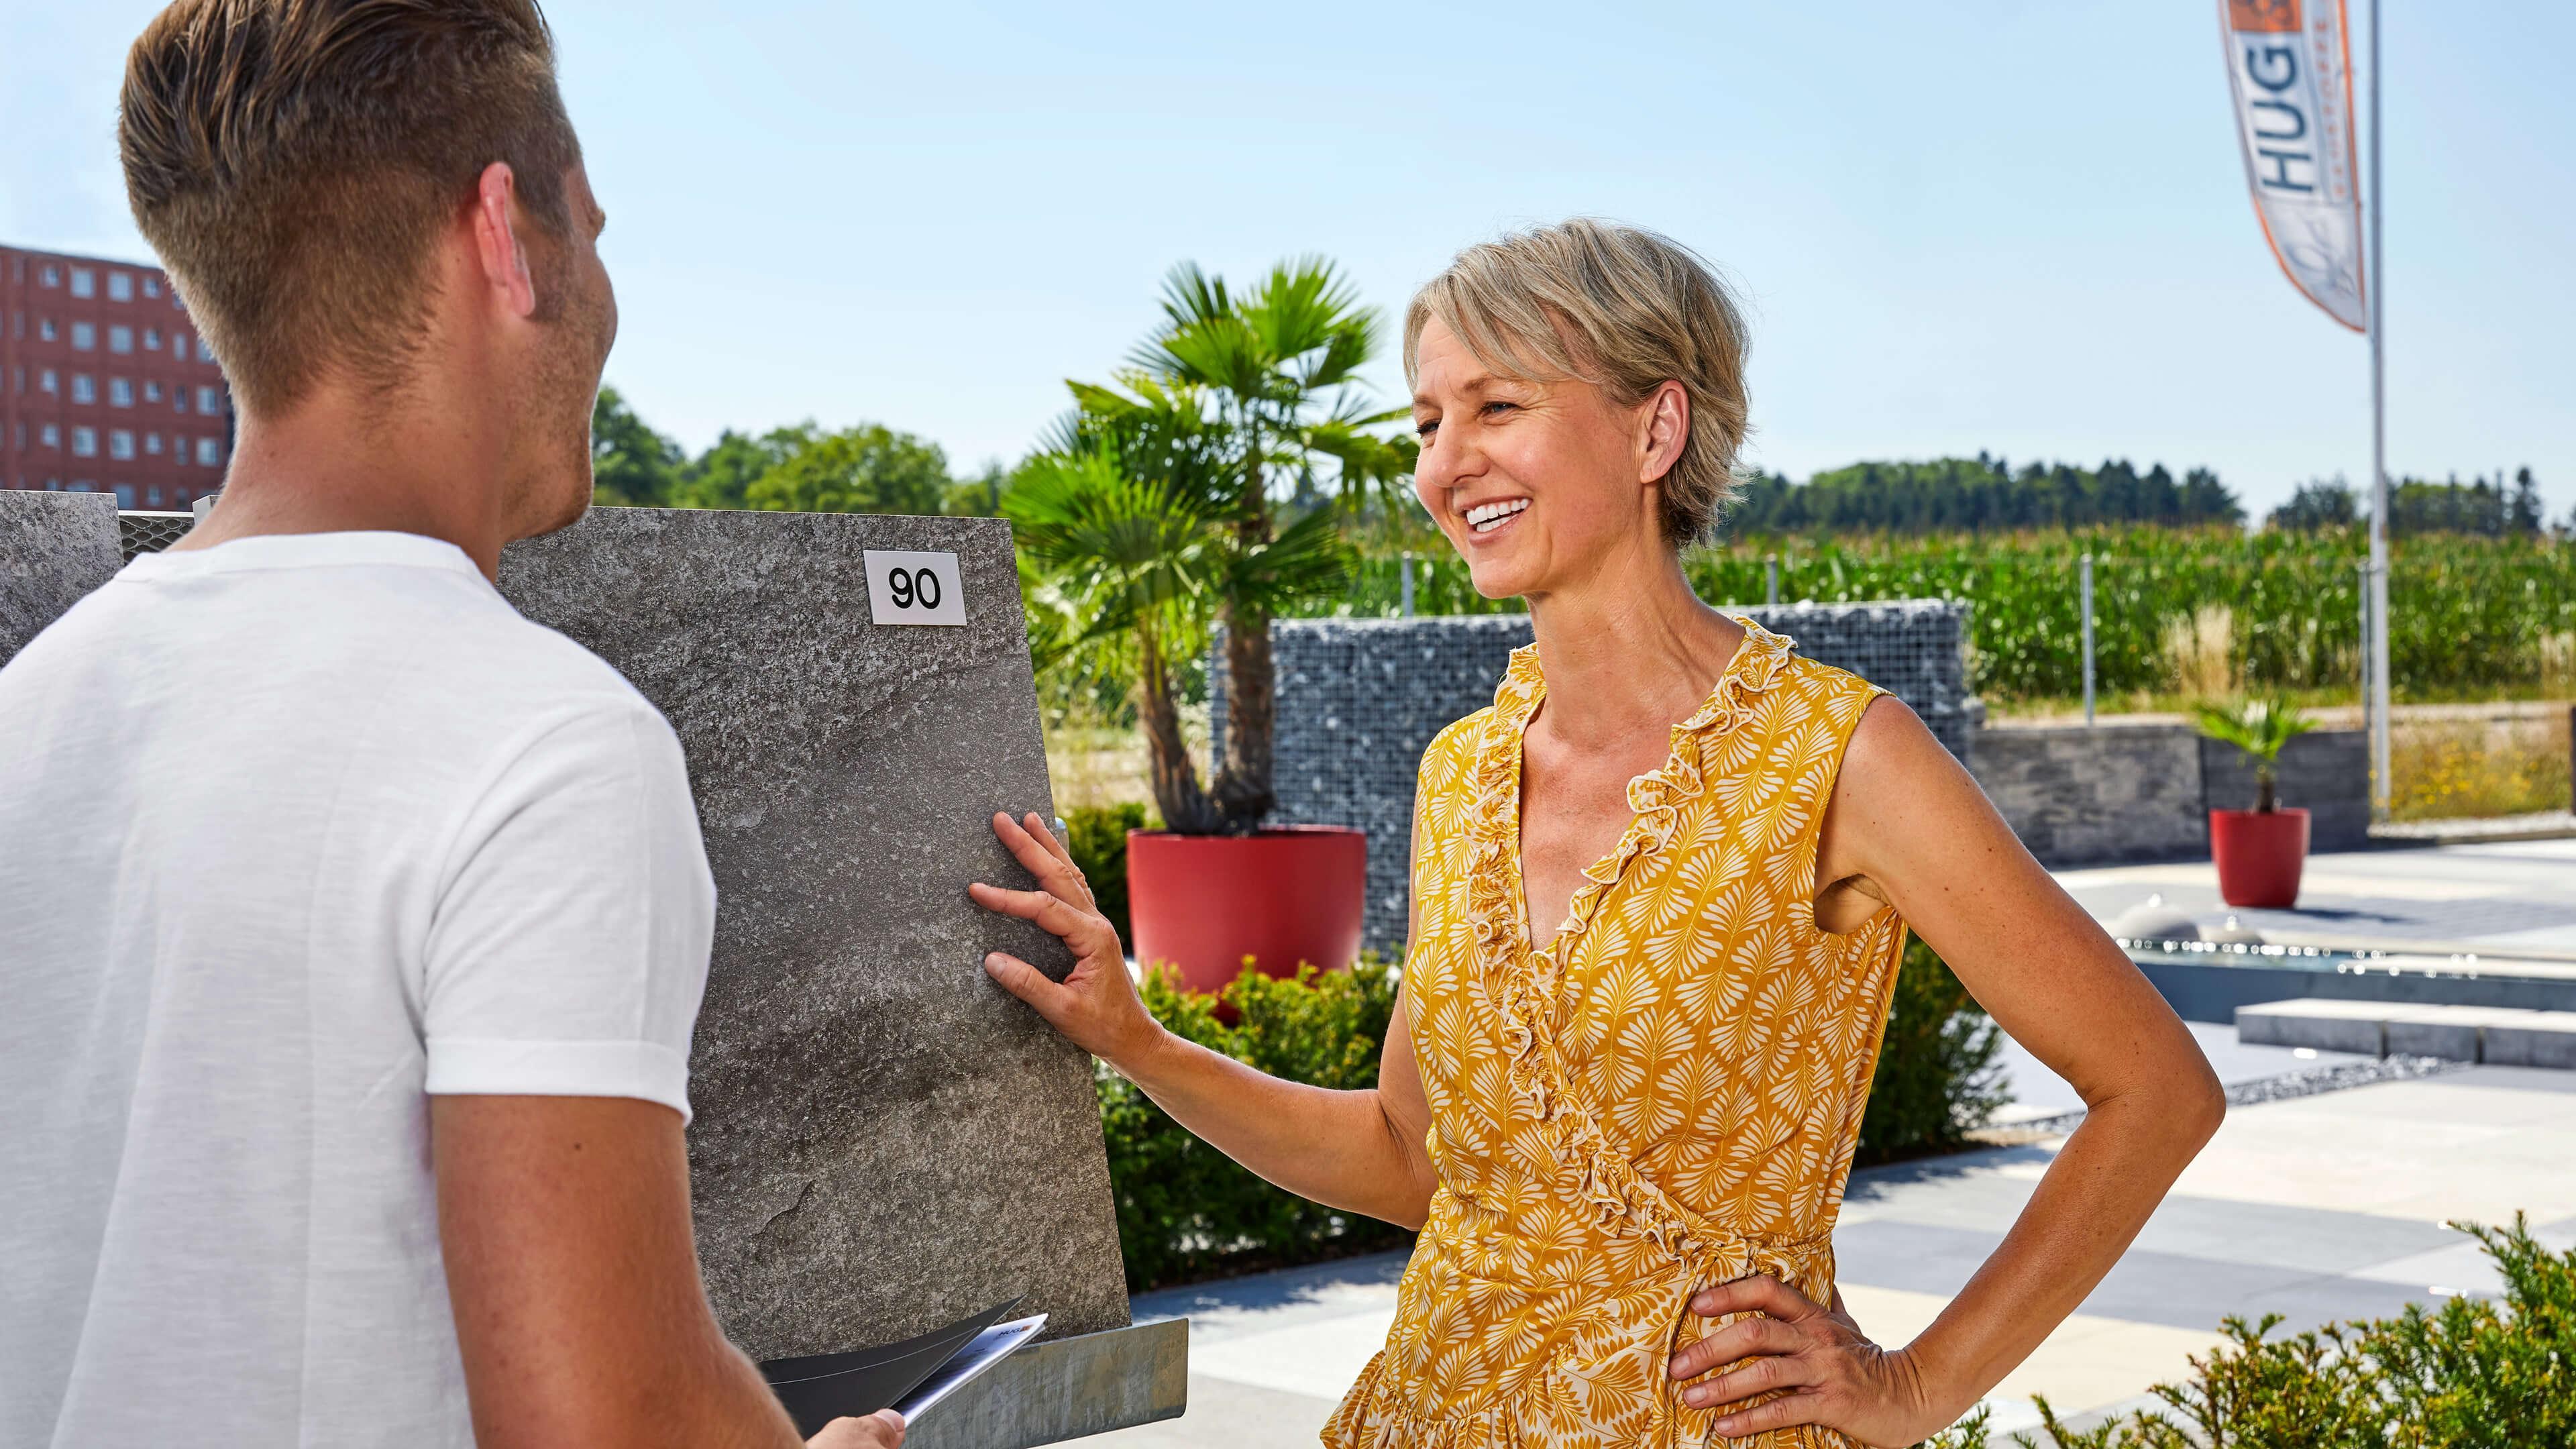 Riesige Ausstellung verschiedener Bodenbelage, Beton, Naturstein, Mauerelemente, Steinkörbe, moderne Pflanzgefässe und weiterre Gestaltungselemente für Ihren Garten.